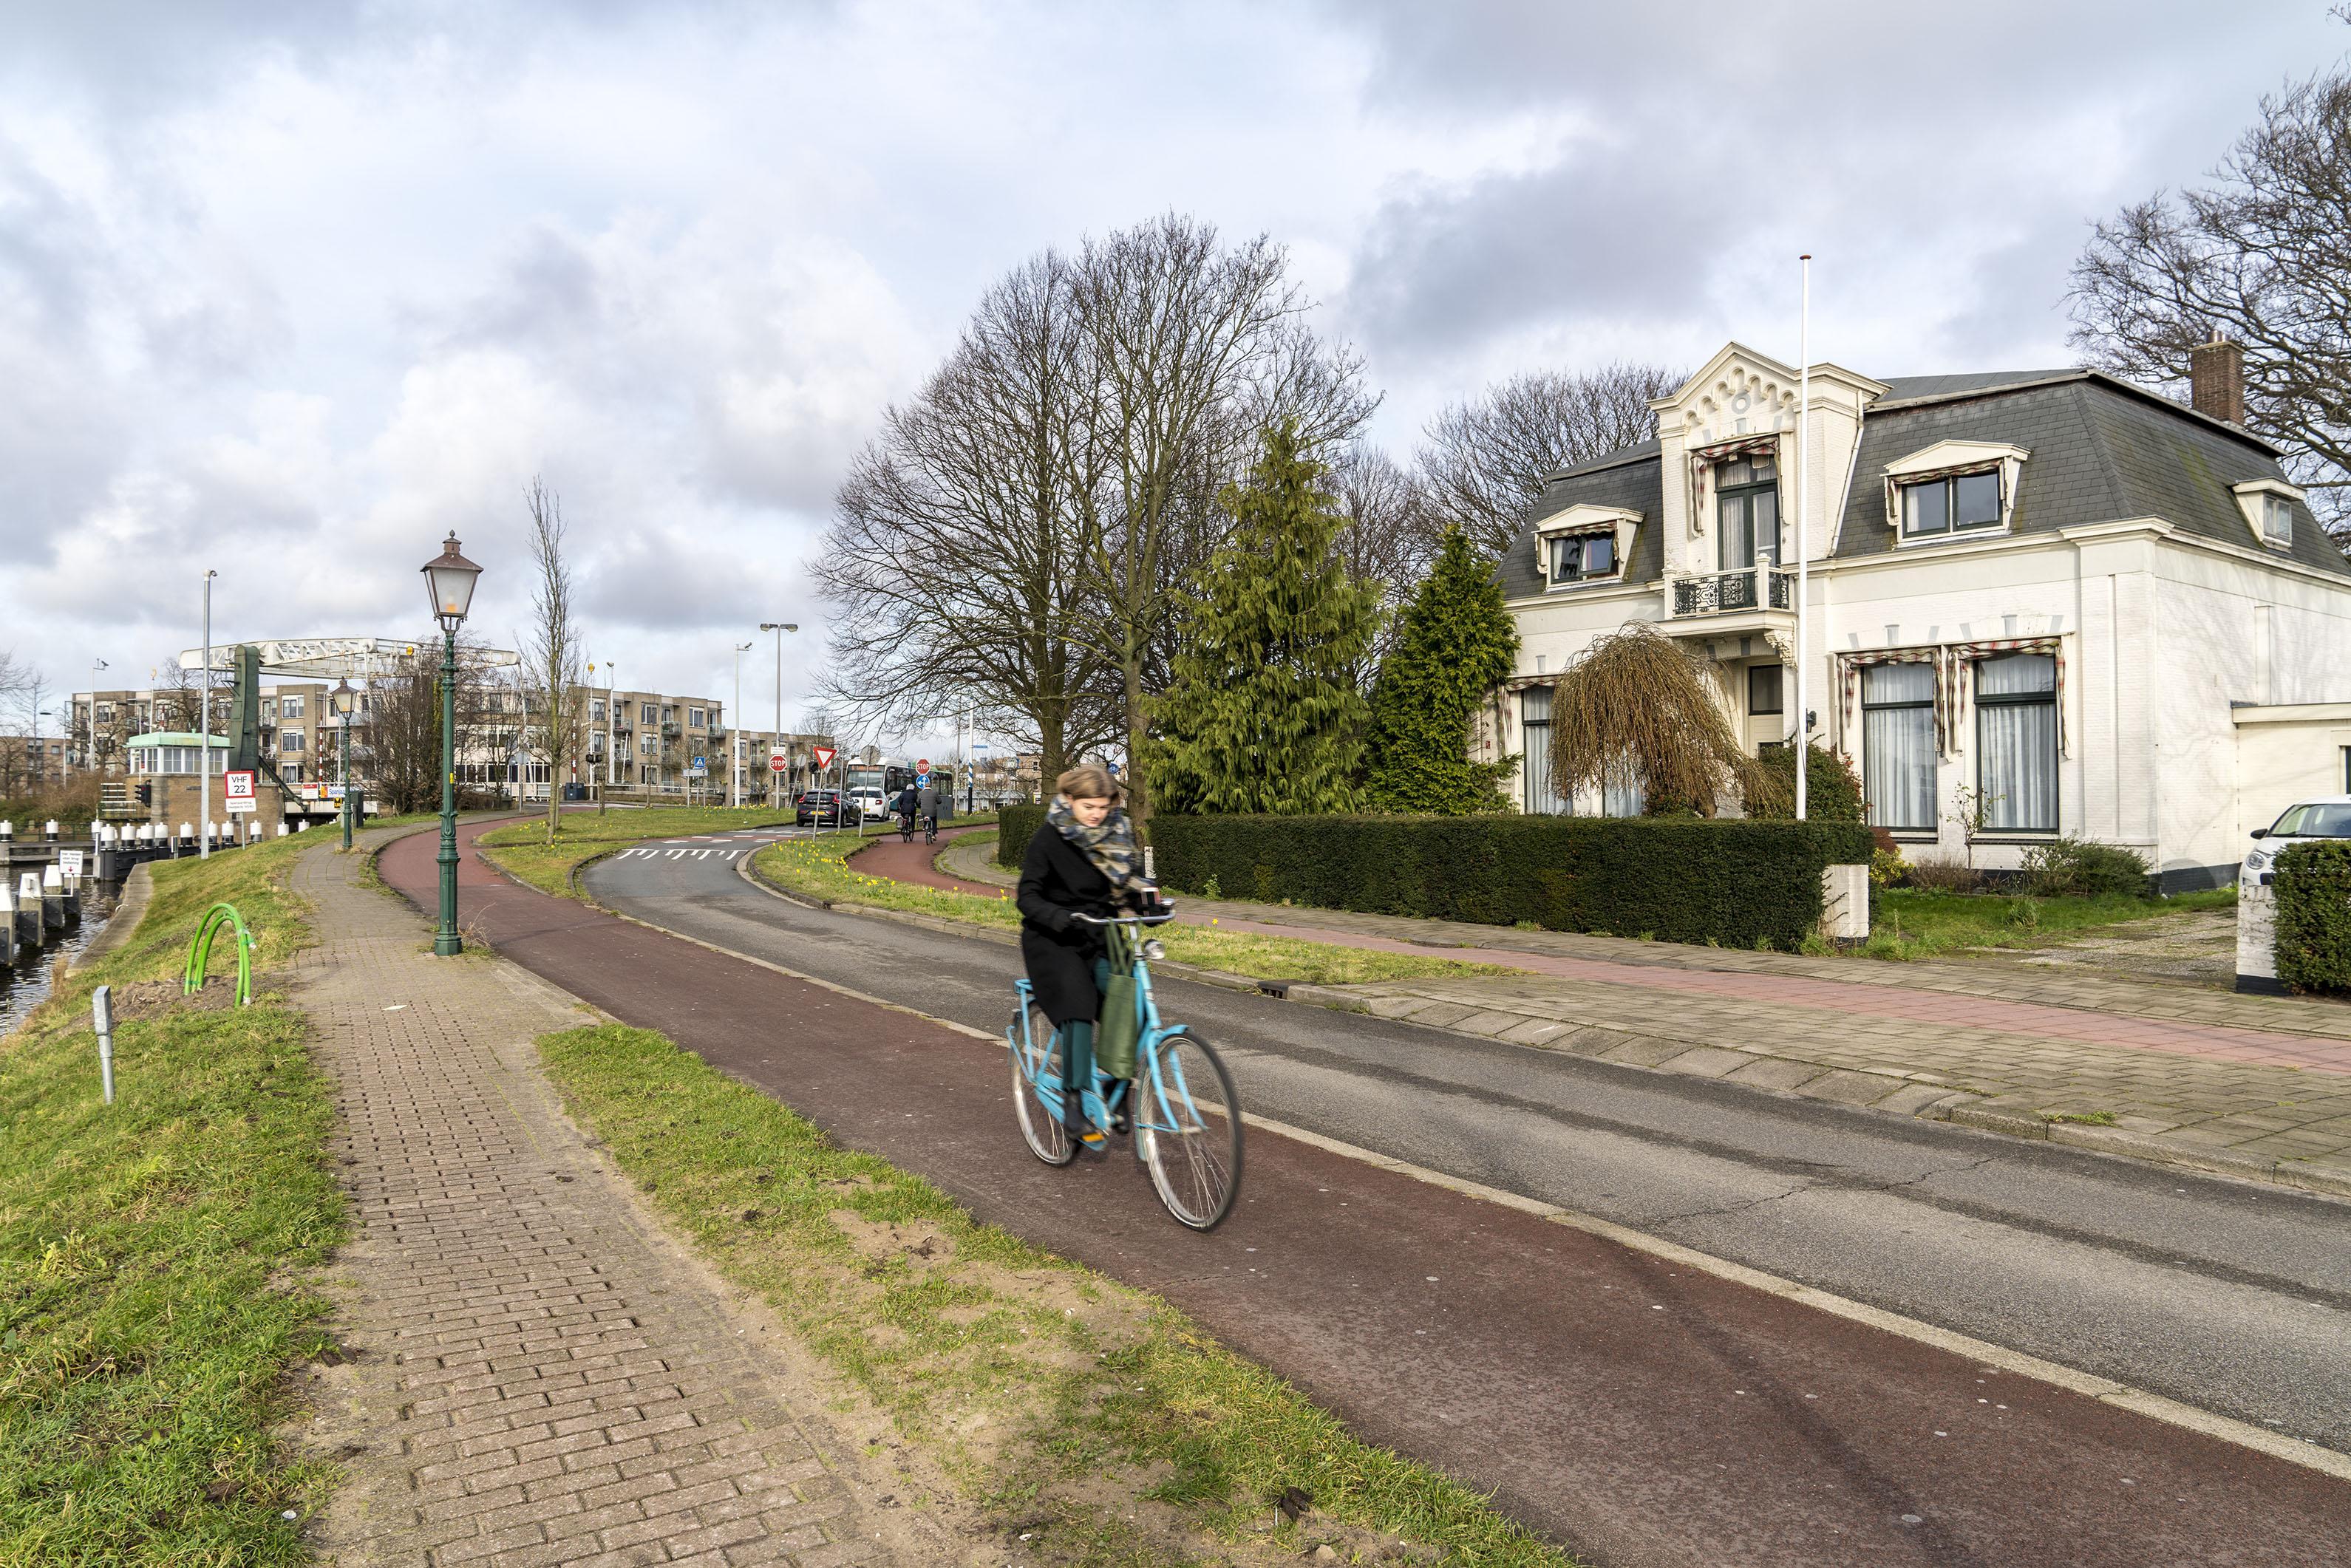 Belangengroep Van der Valk Boumanweg in Leiderdorp eist inspraak en wil verkeersplannen van tafel